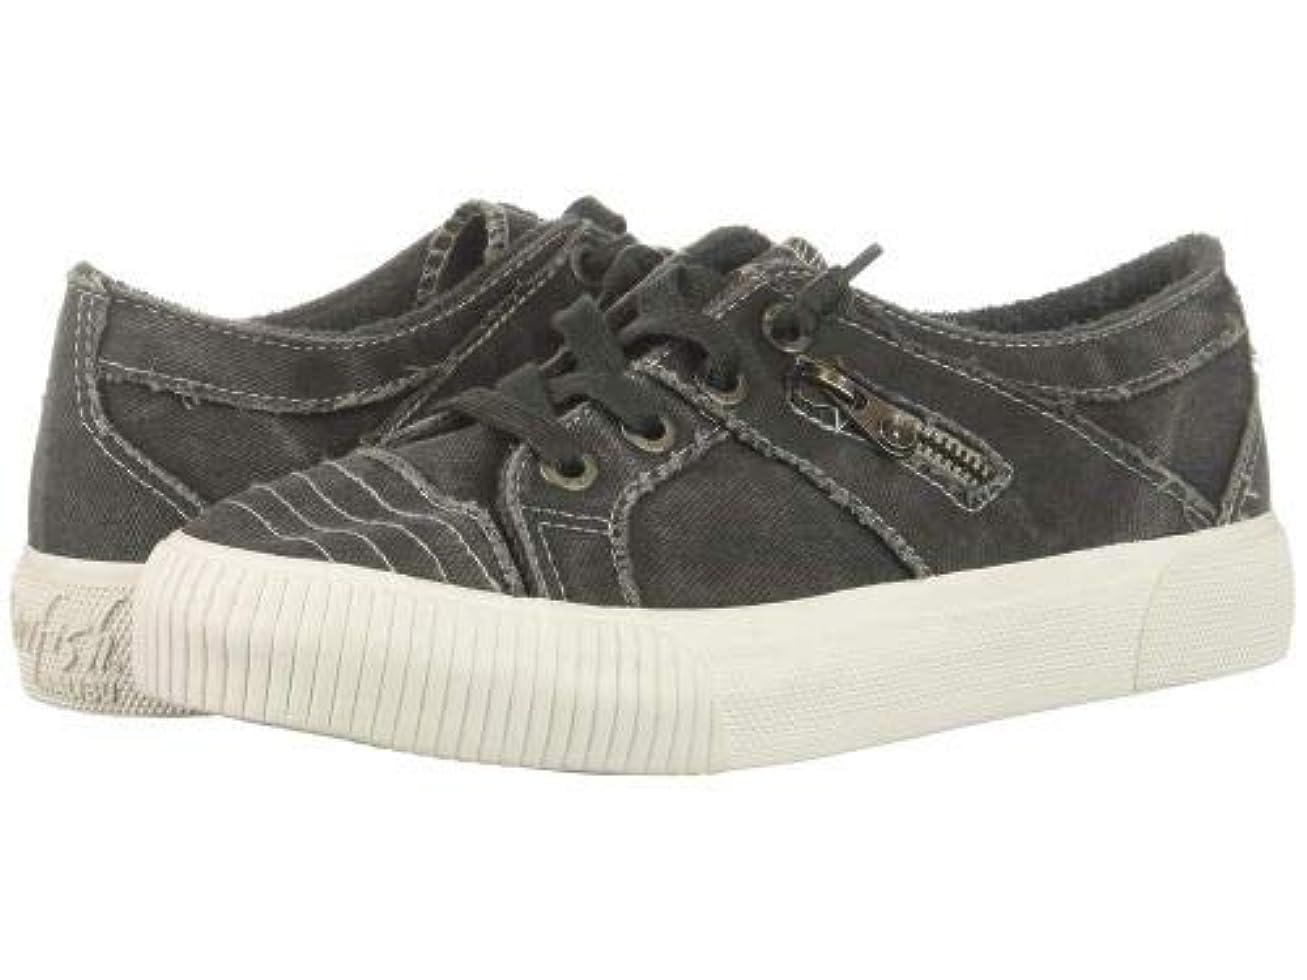 予算告白公園Blowfish(ブローフィッシュ) レディース 女性用 シューズ 靴 スニーカー 運動靴 Crafty - Grey Smoke 16 Oz. Canvas [並行輸入品]